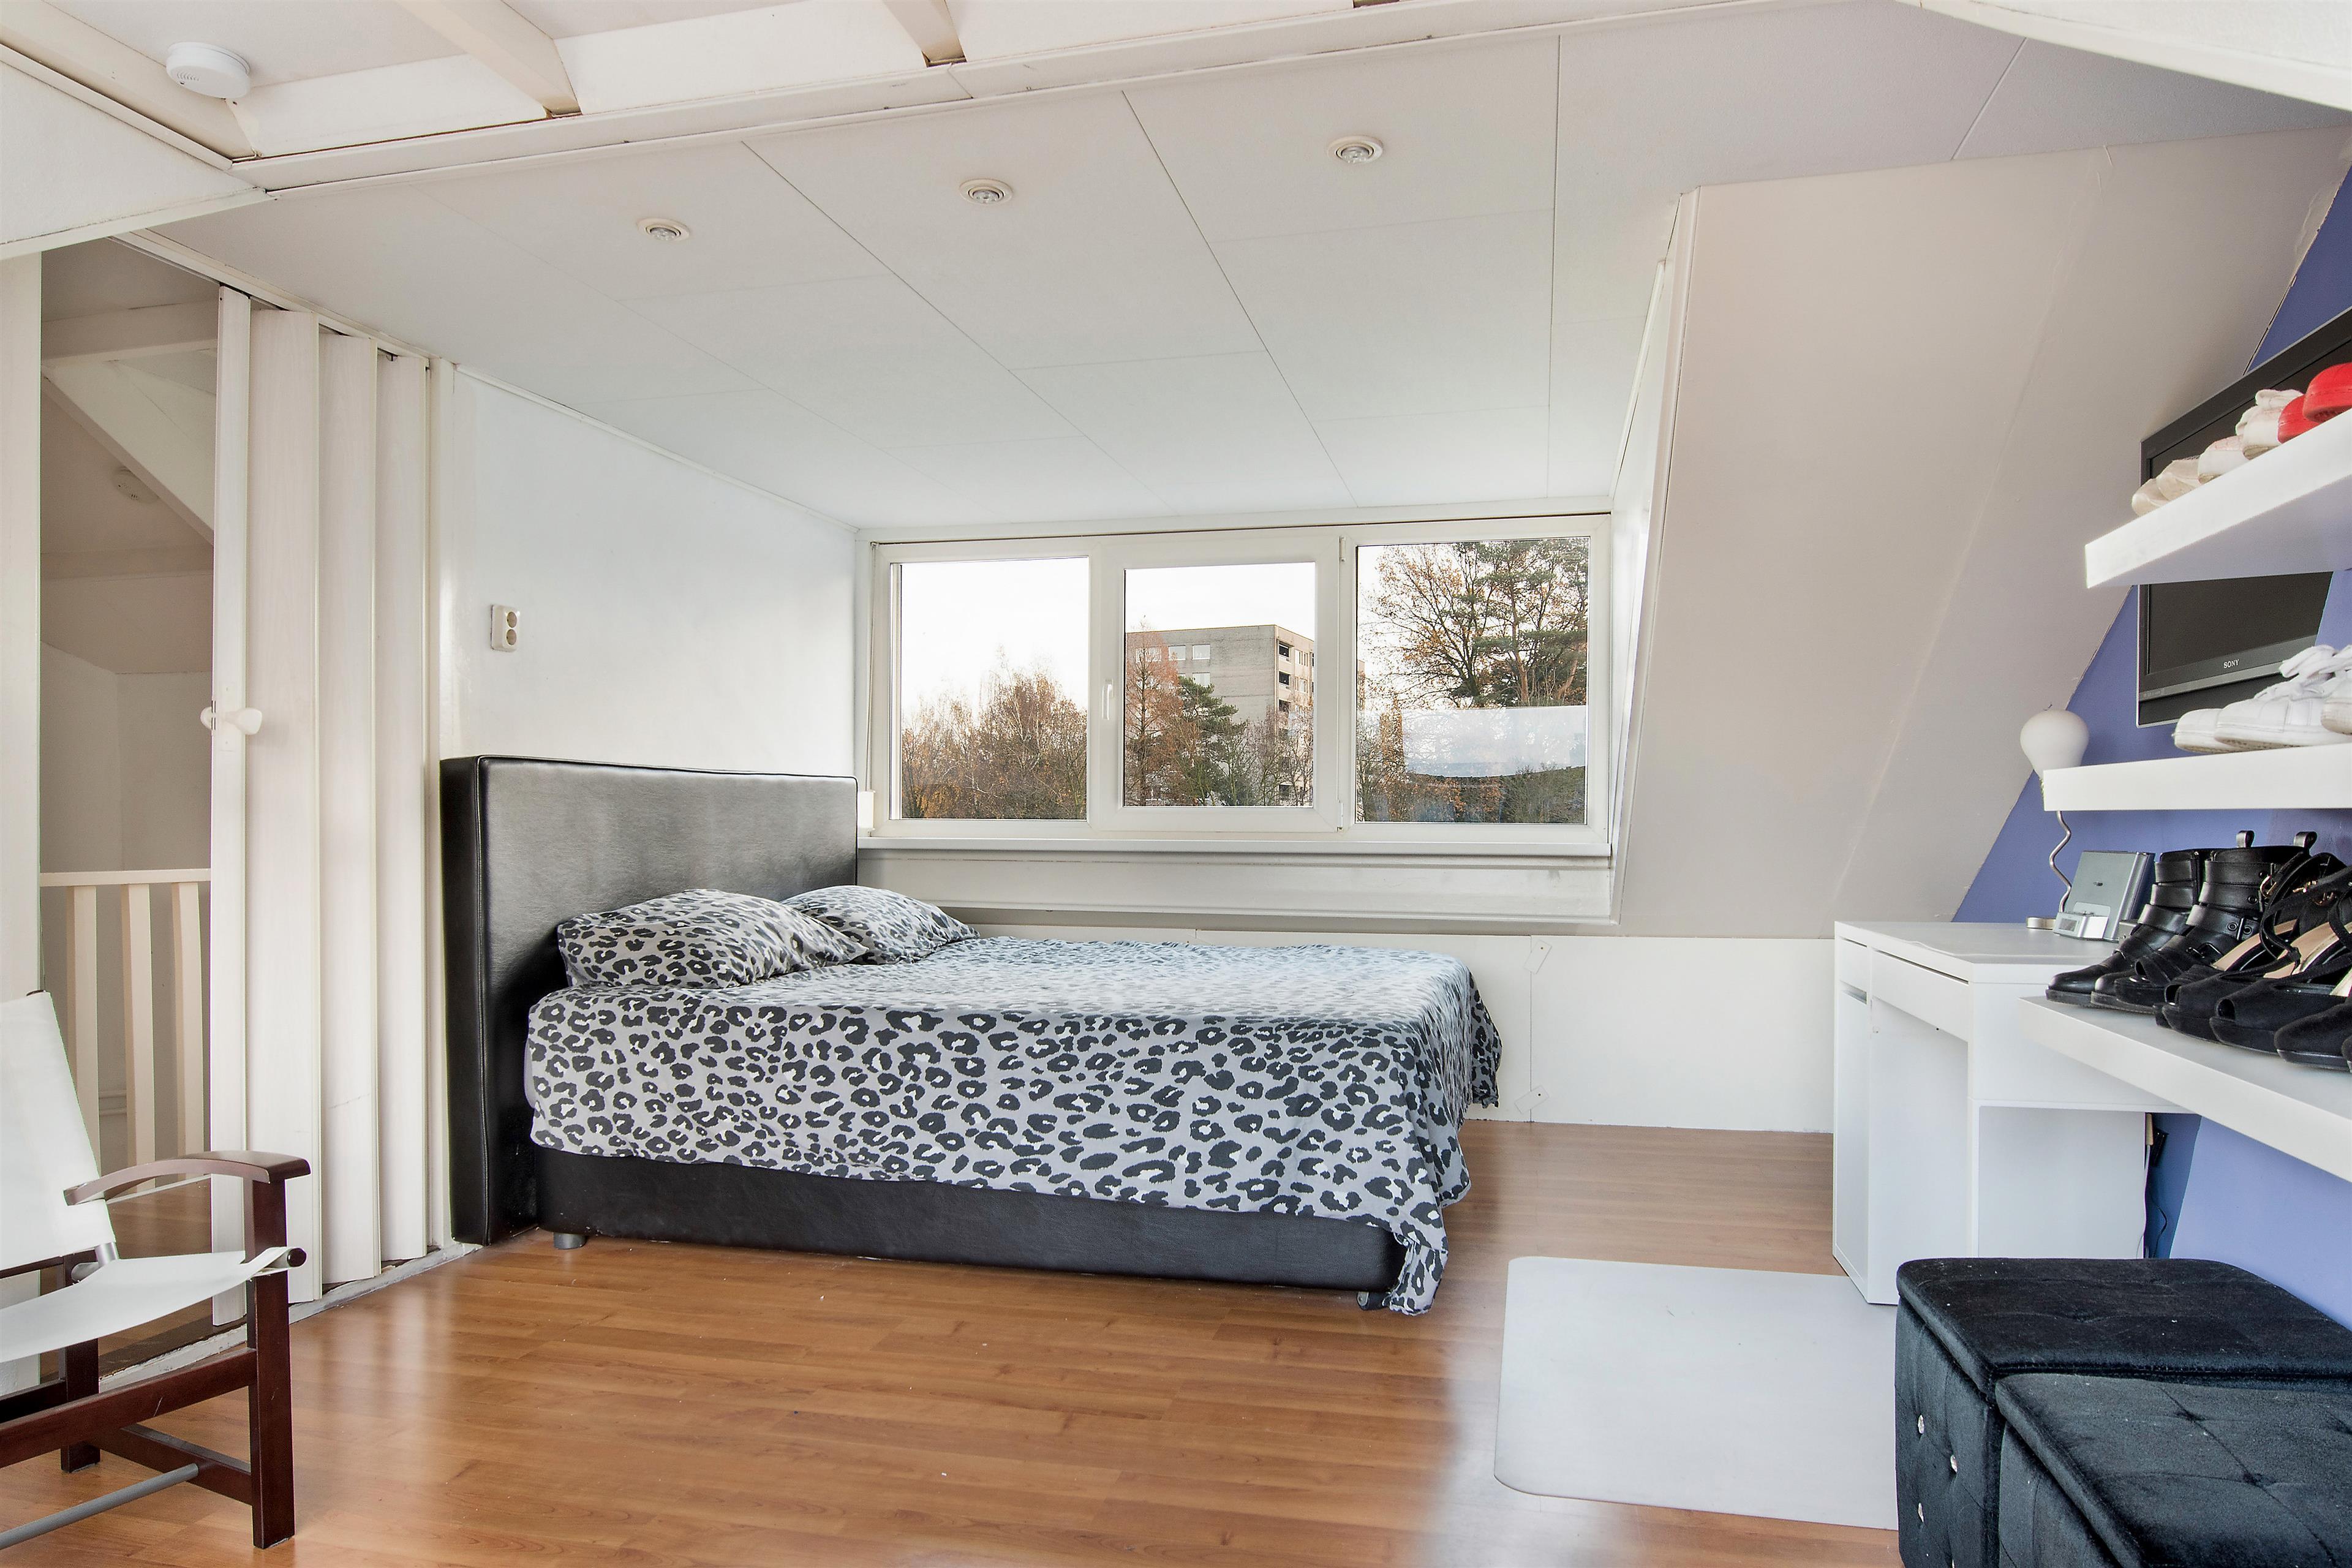 goedkoop bed kopen perfect ga voor een uniek bed gemaakt van